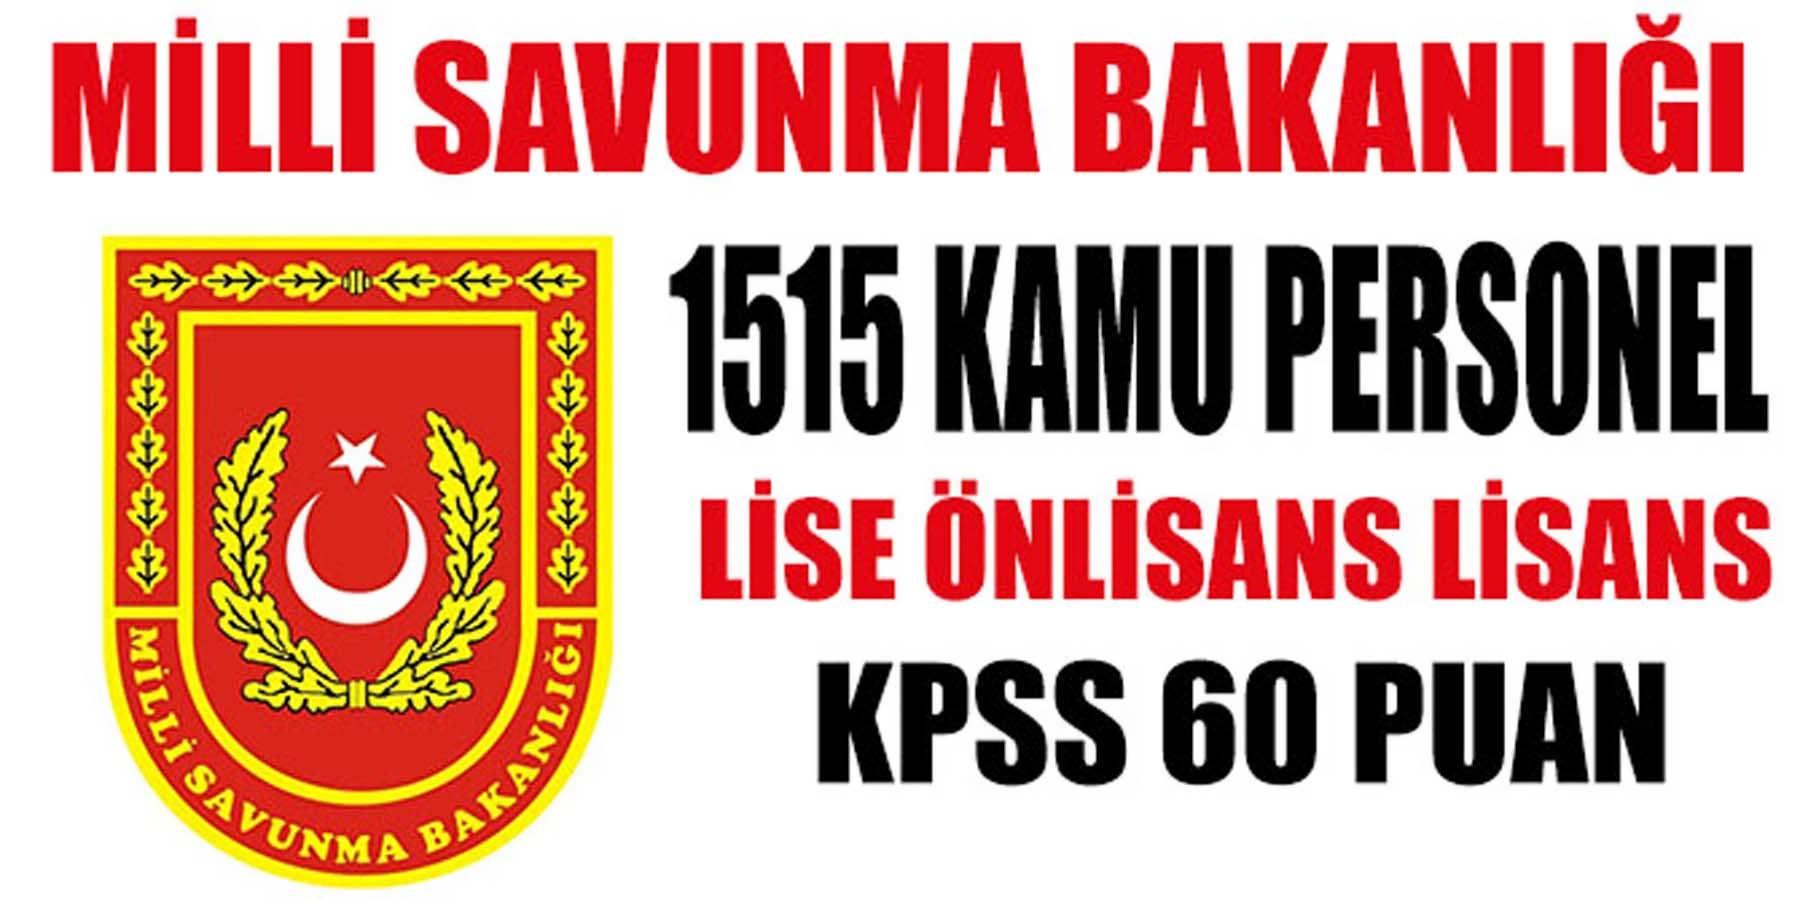 60 KPSS Puanı İle Milli Savunma Bakanlığı 1515 Kamu Personeli Alımı